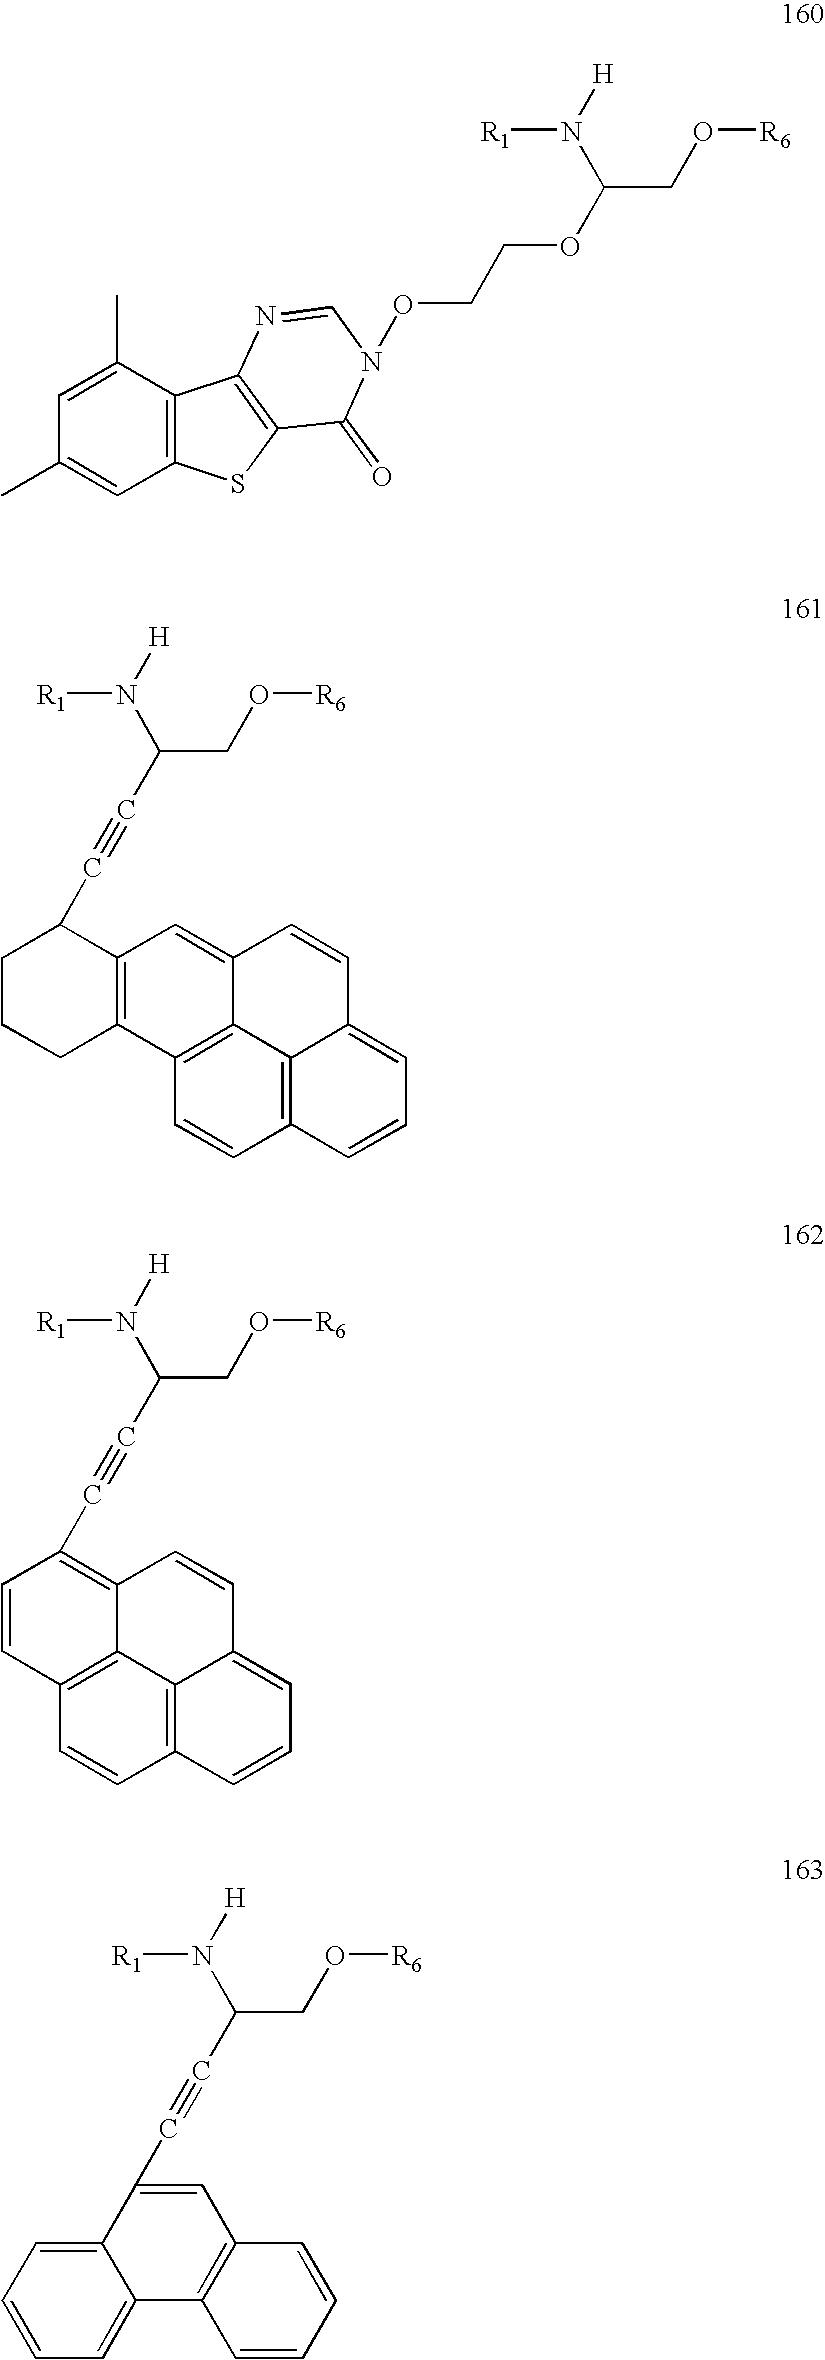 Figure US20060014144A1-20060119-C00123